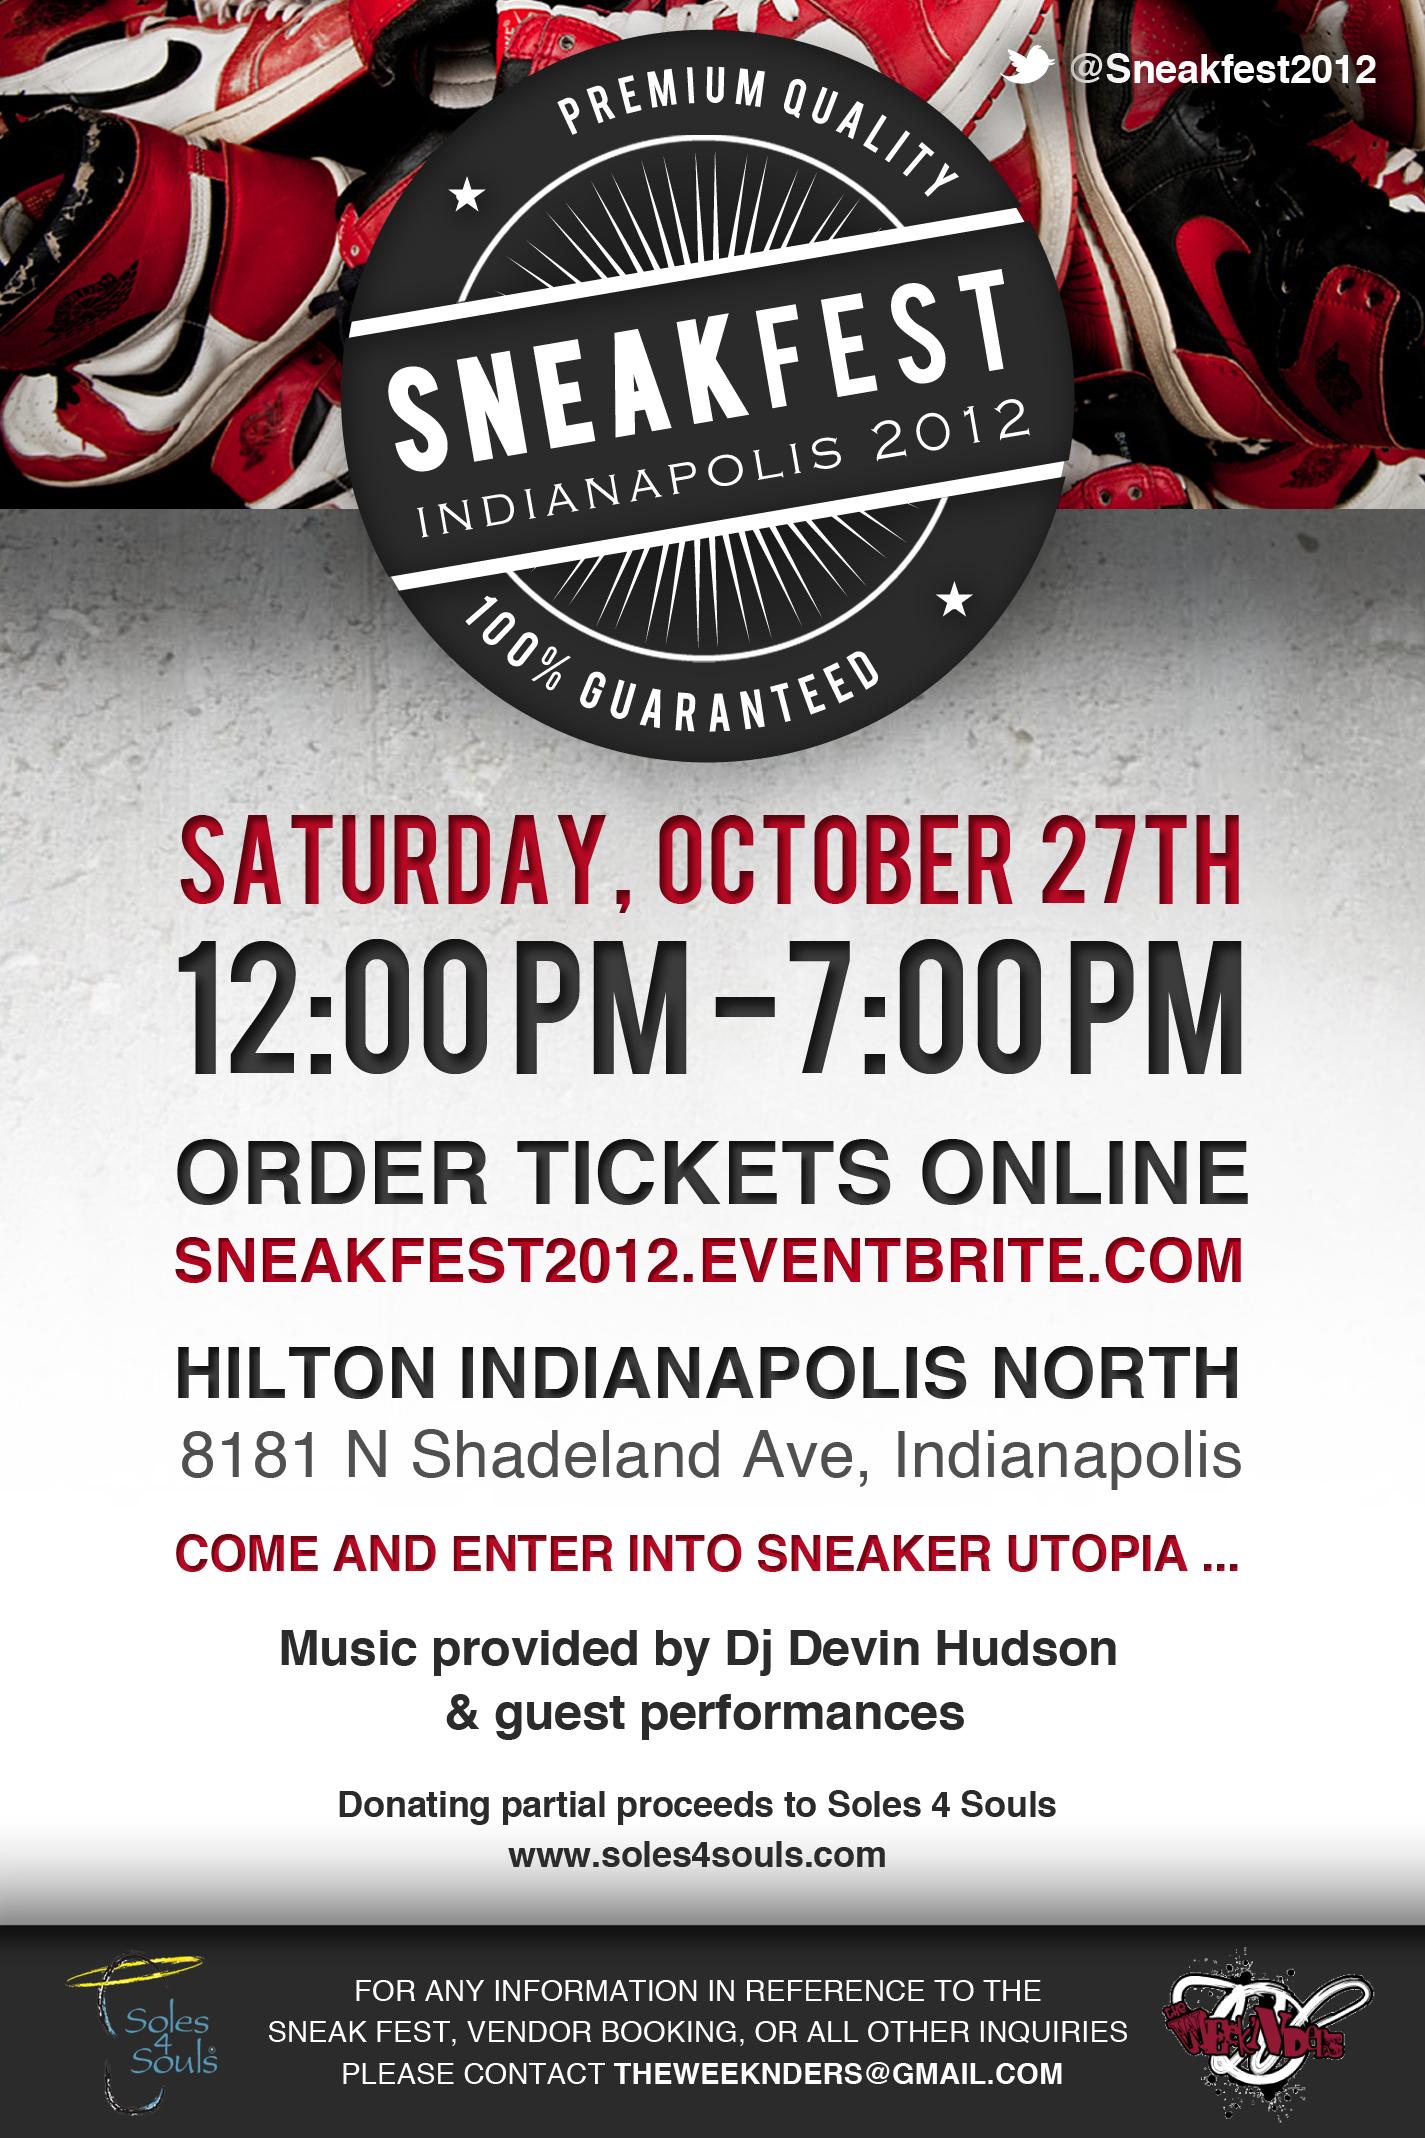 sneakfest-2012